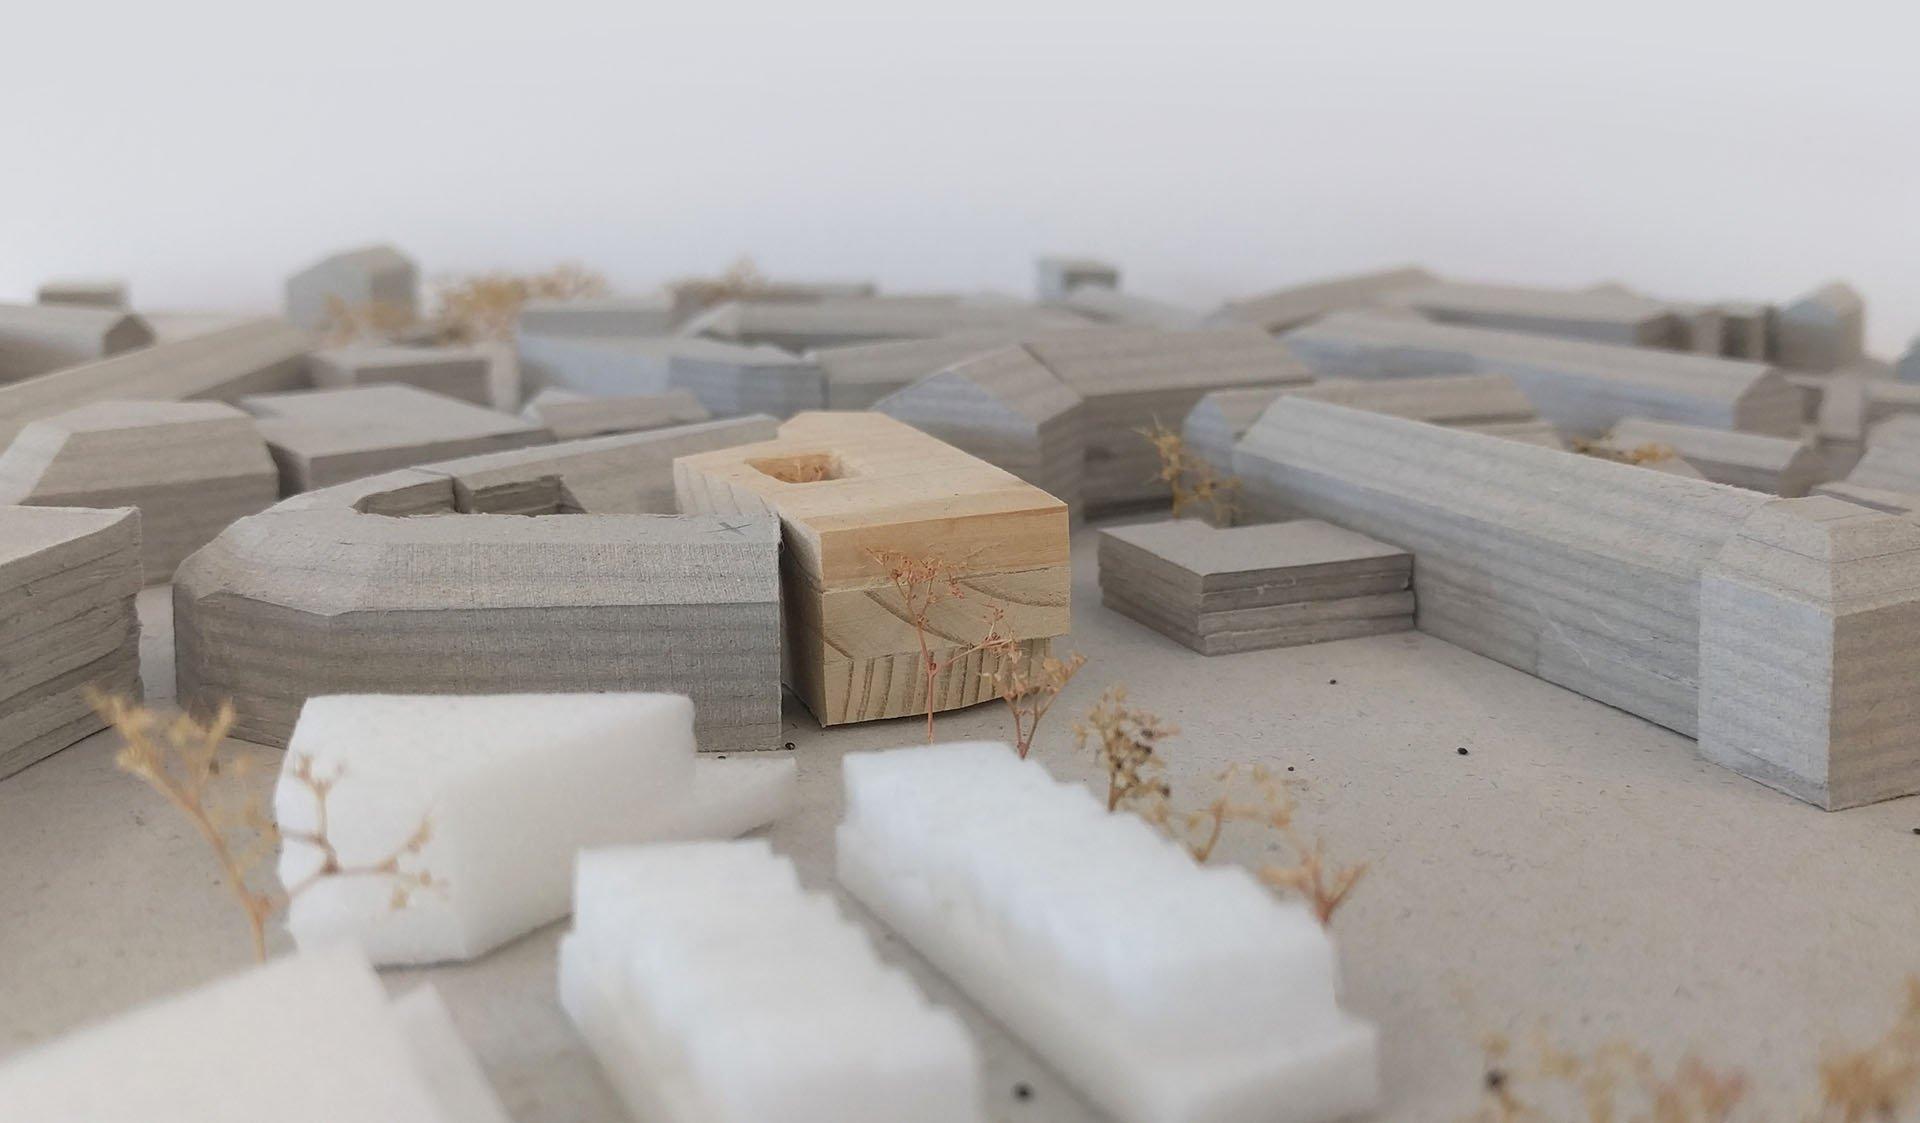 Miniatur Modell Stadtbücherei